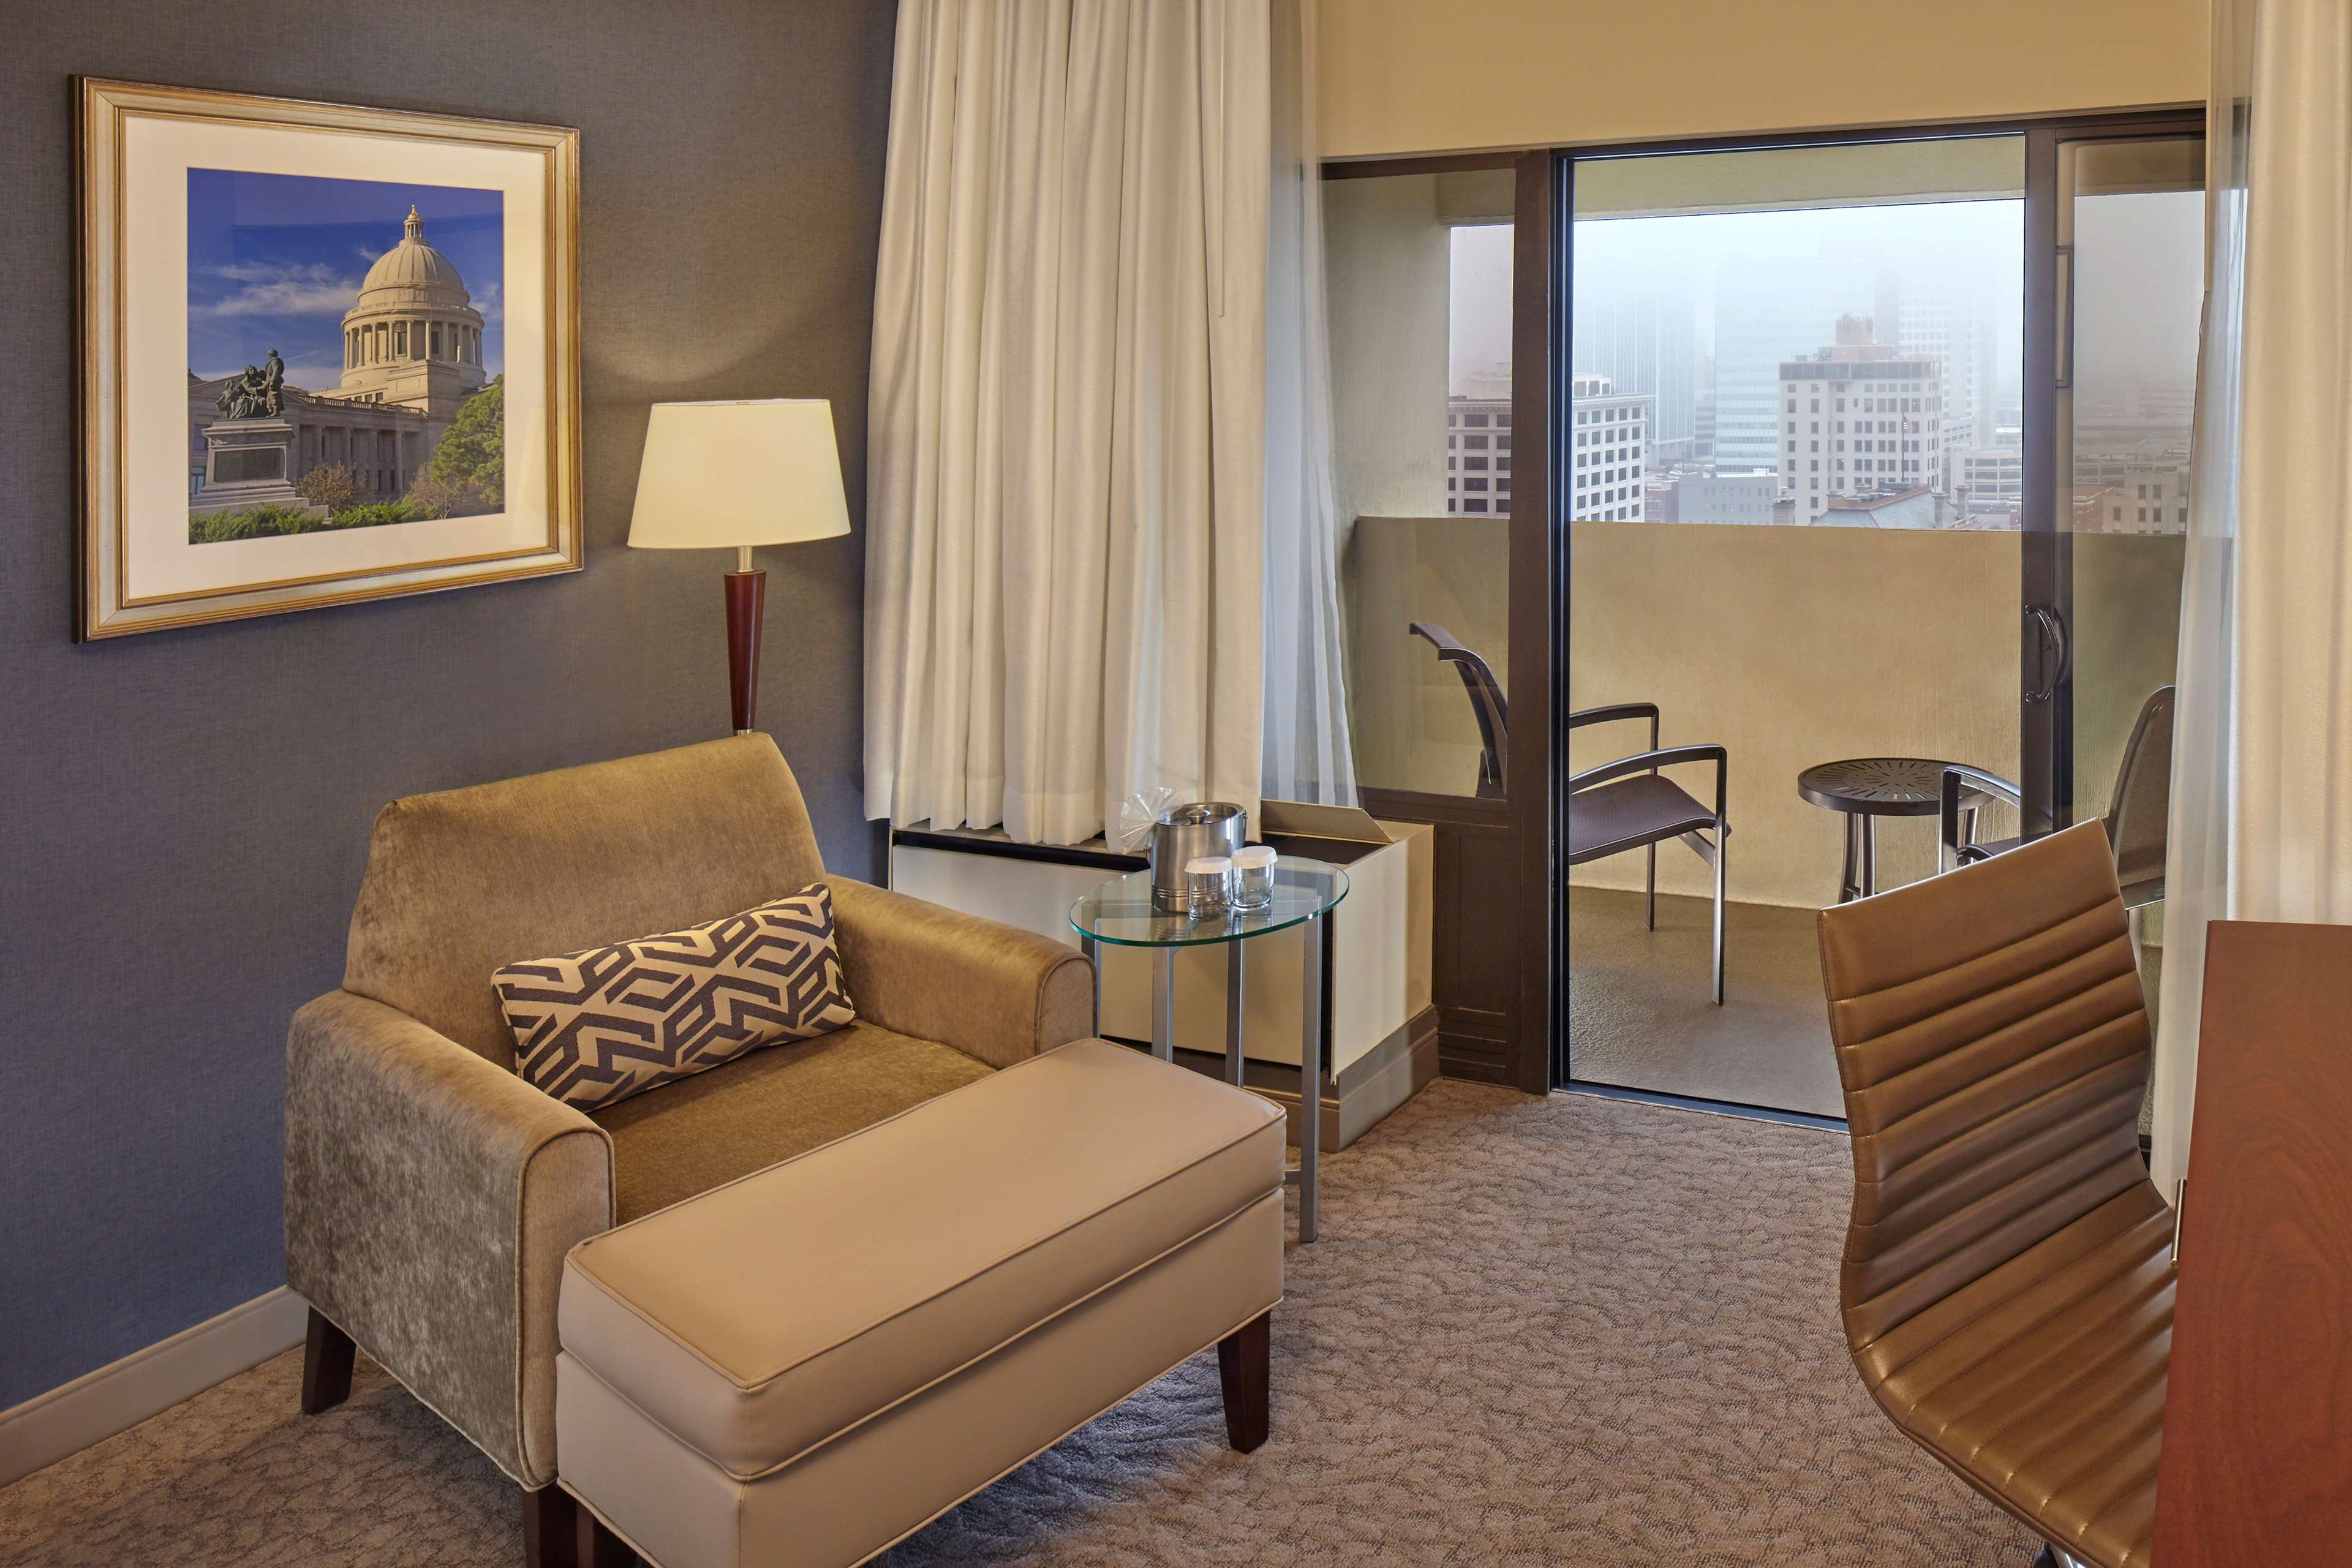 DoubleTree by Hilton Hotel Little Rock image 18